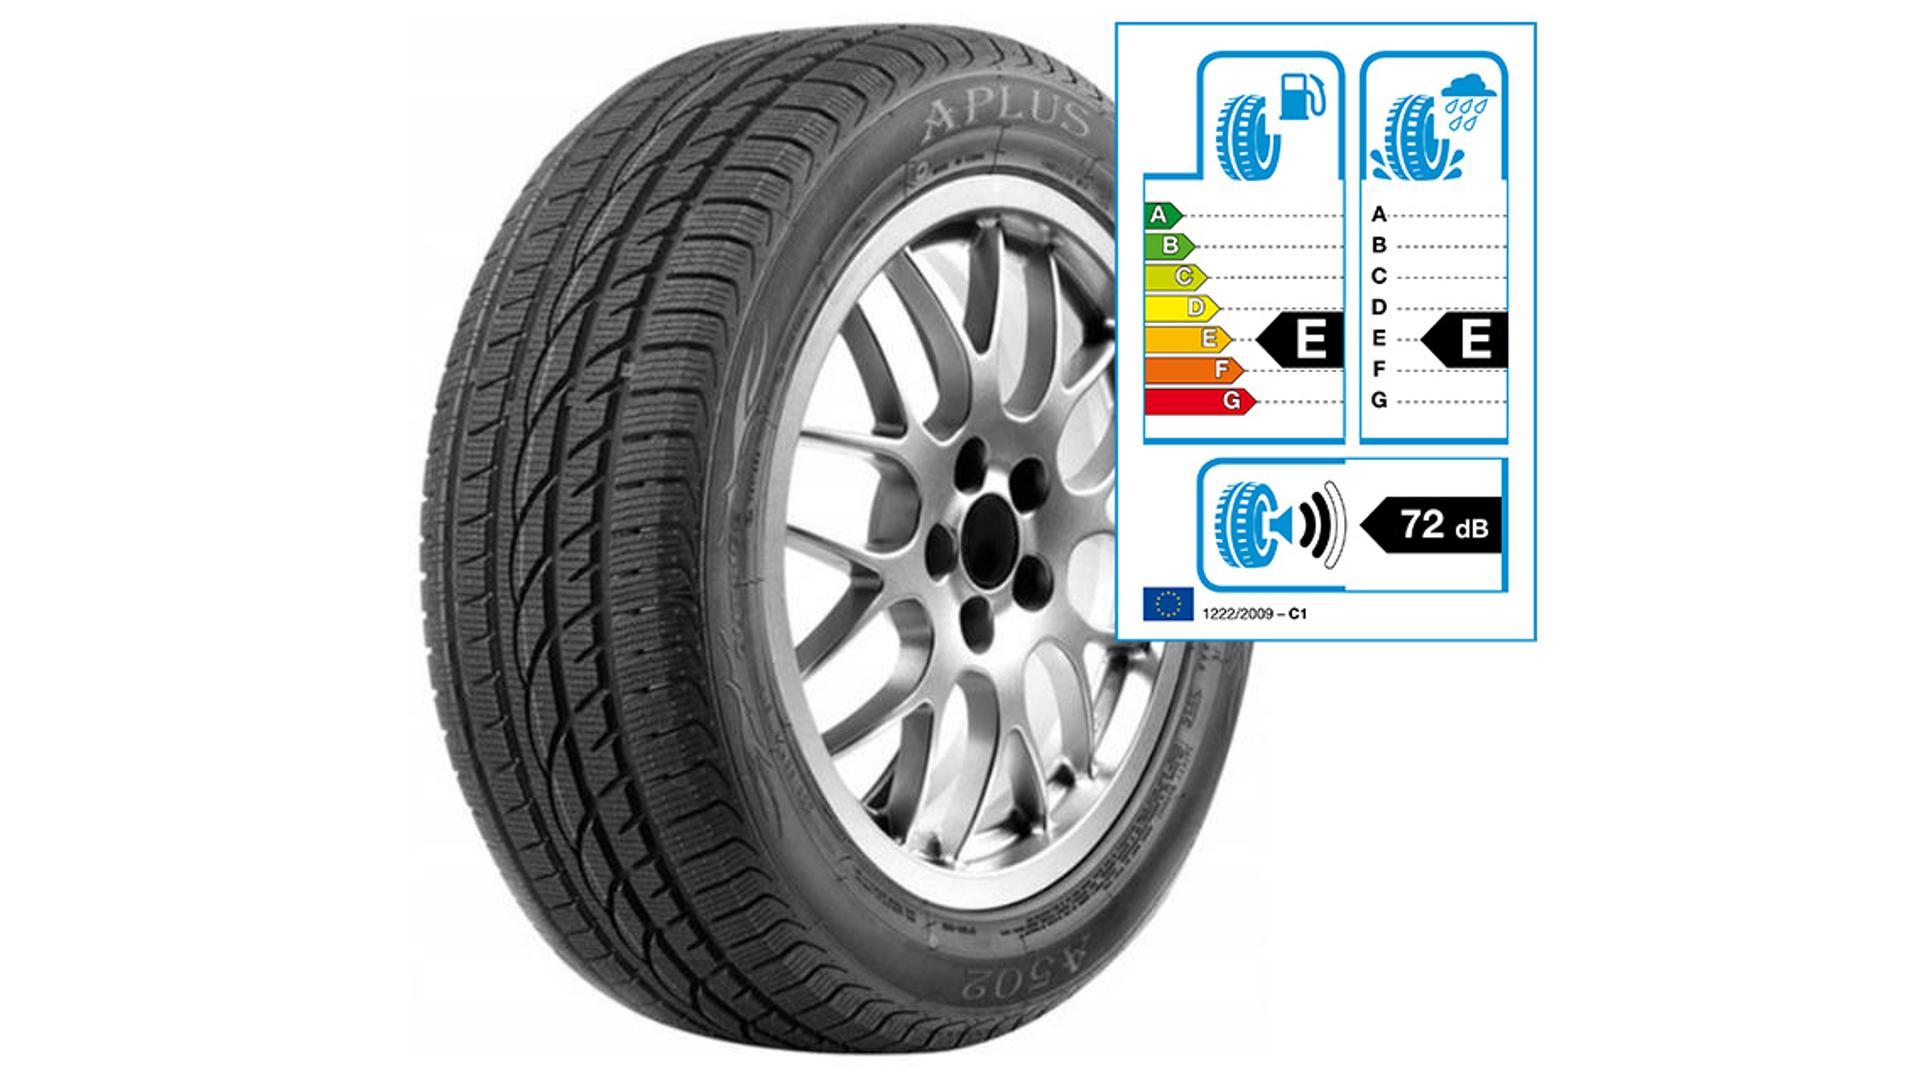 A502 Zimná pneumatika 225/45R17 94HXL